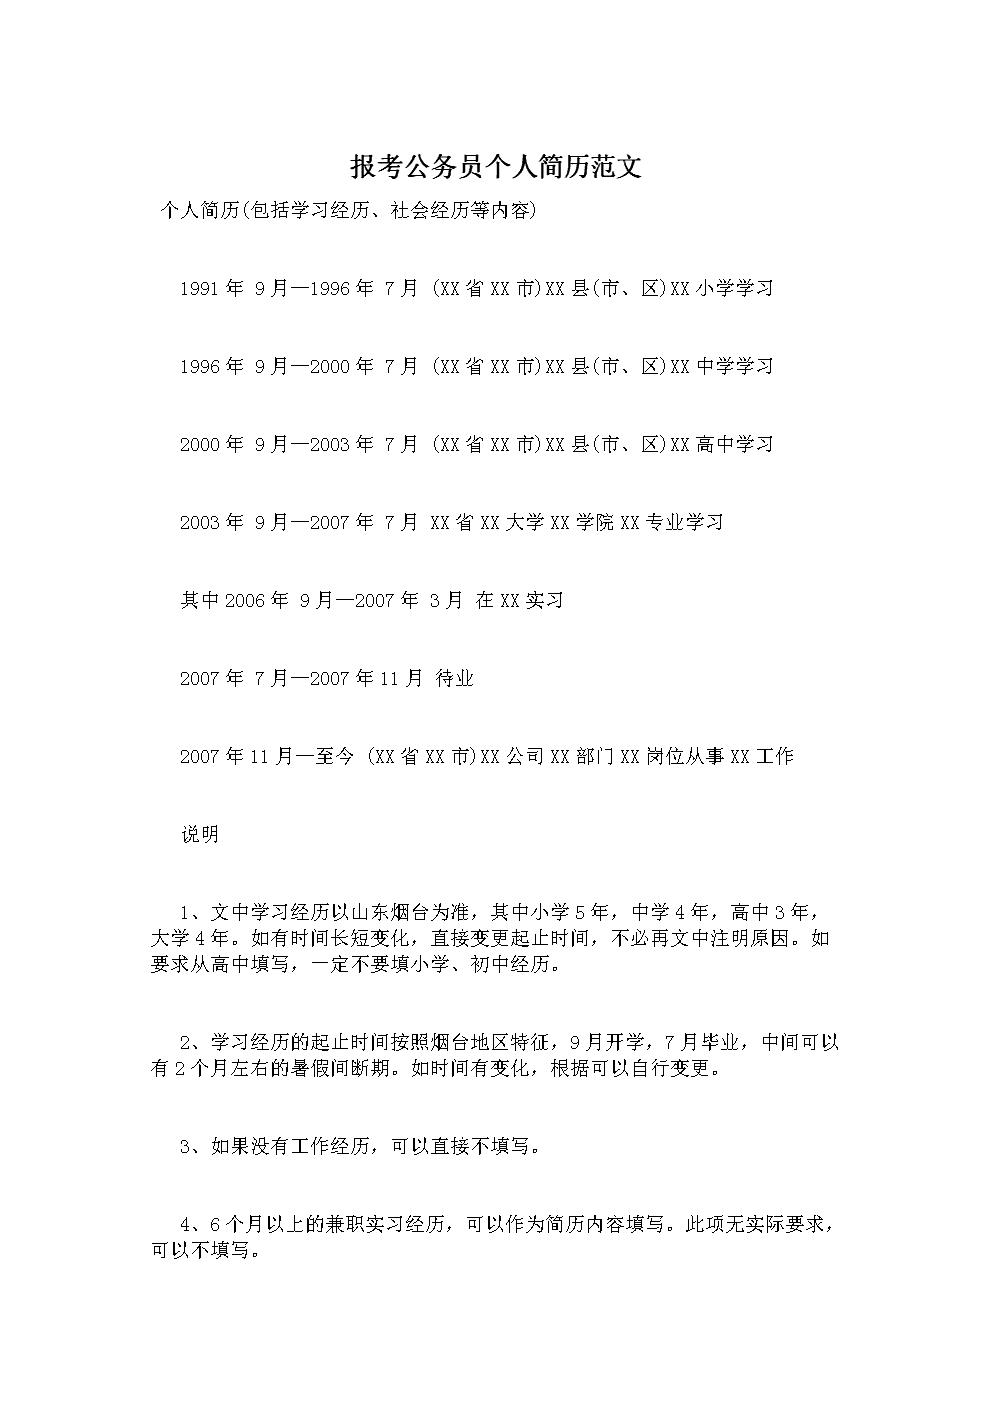 报考公务员个人简历范文.doc